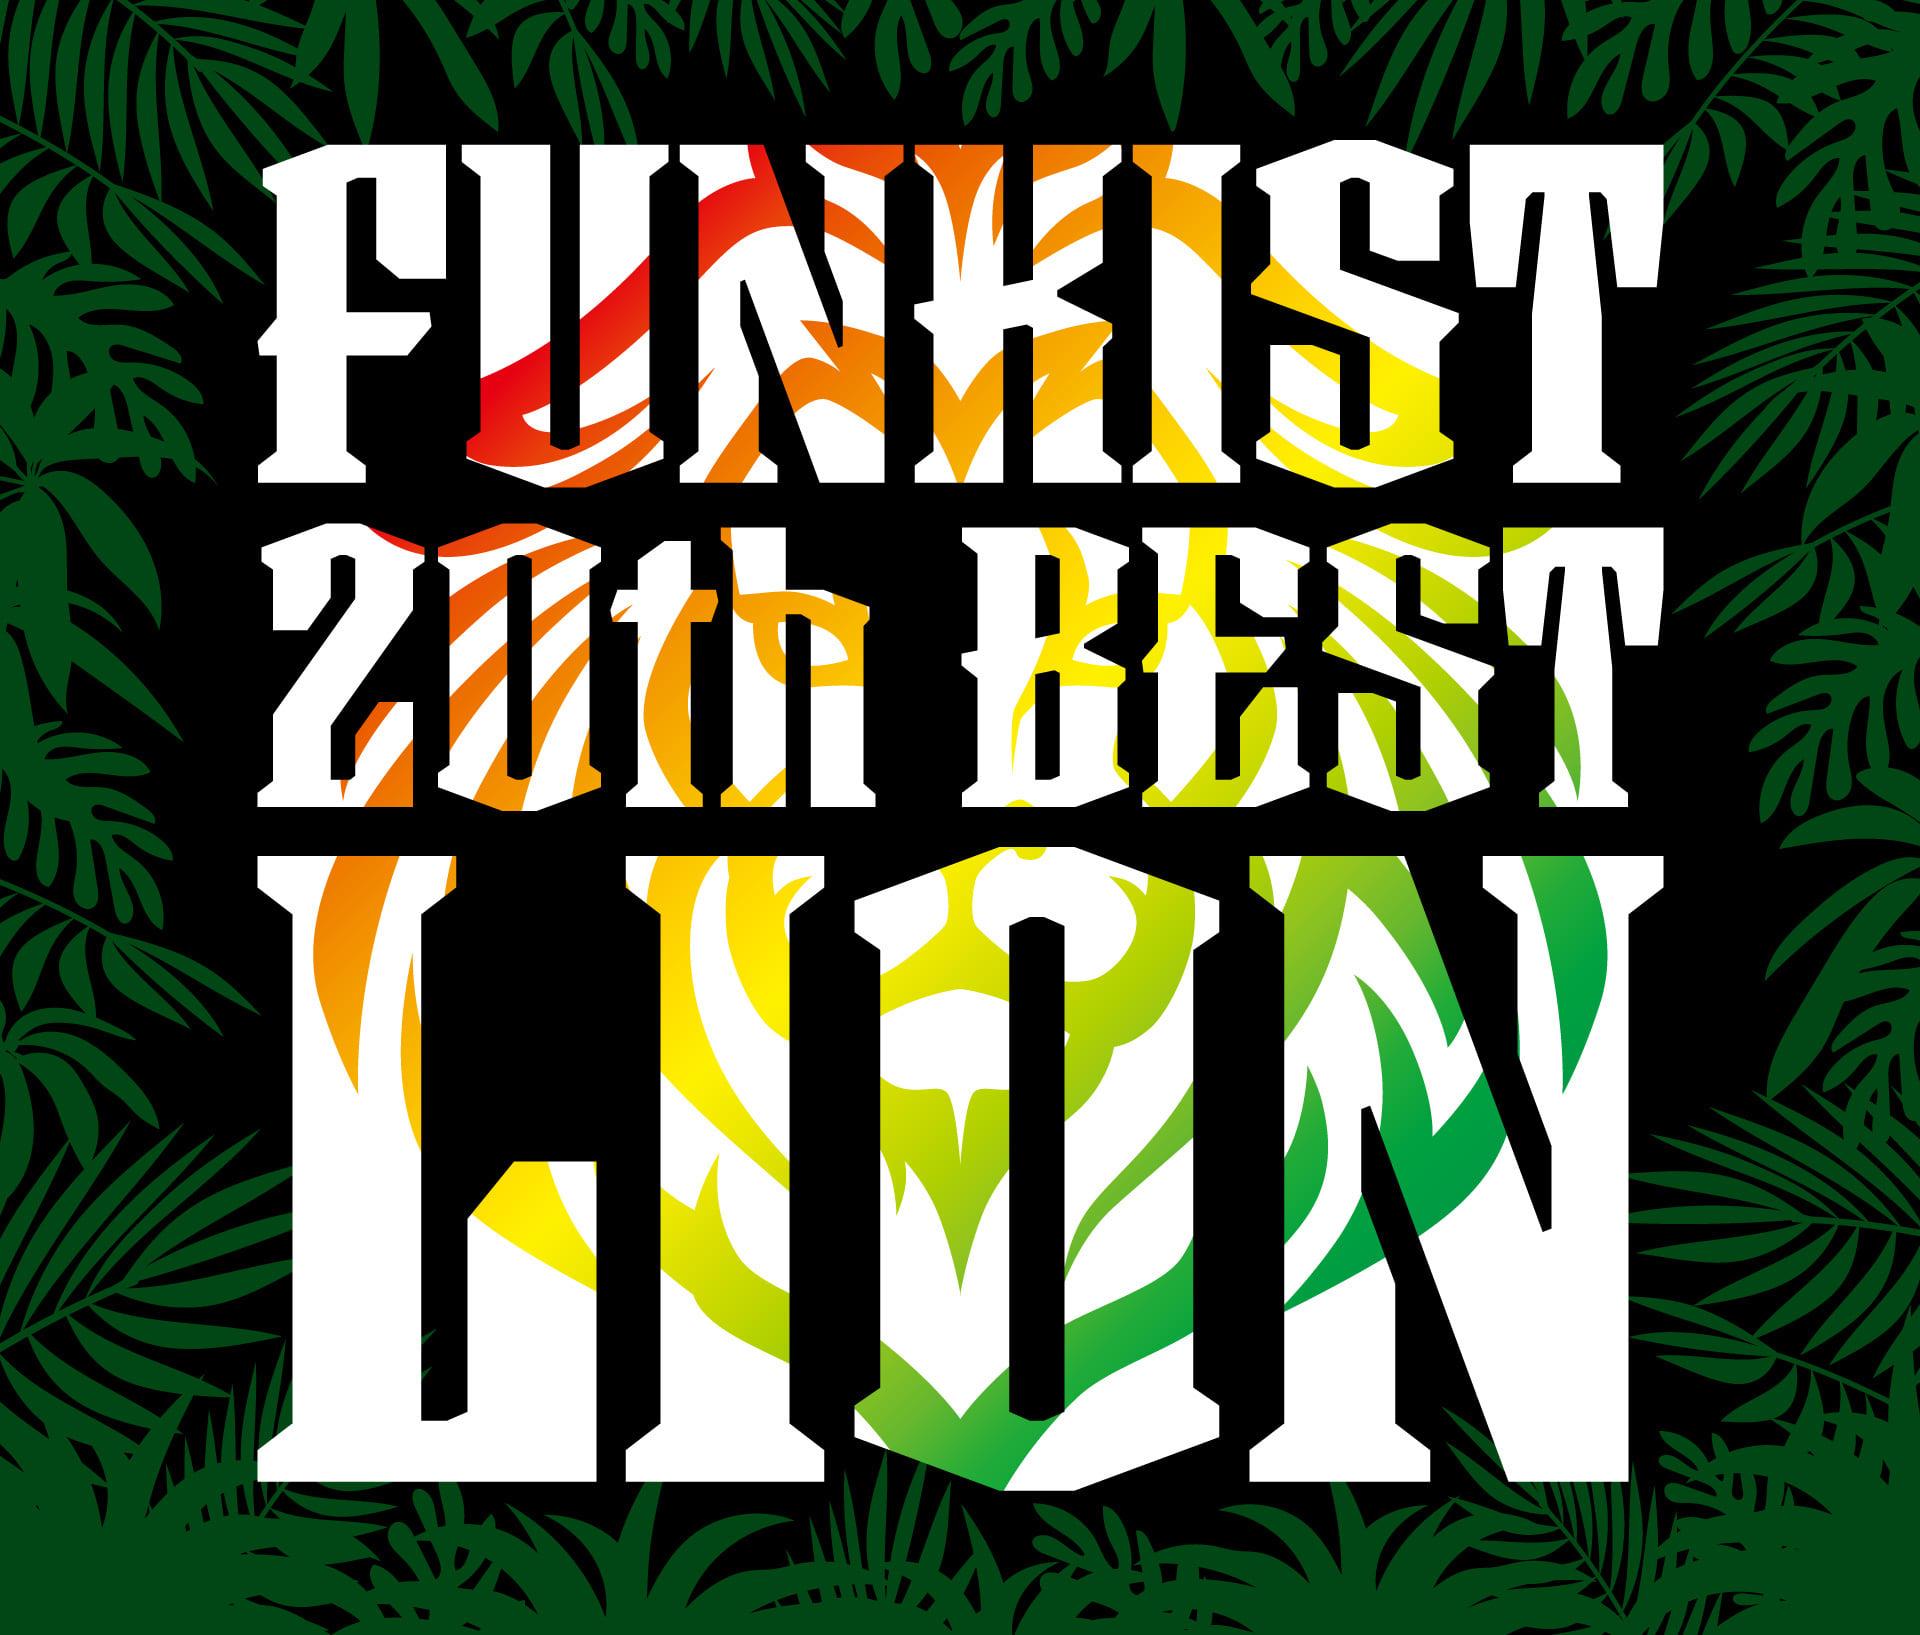 FUNKISTの20周年記念ユニフォームをヒュンメルがデザイン|売り上げの一部が南アフリカの支援に lifefashion190703funkist-hummel_5.jpg-1920x1635